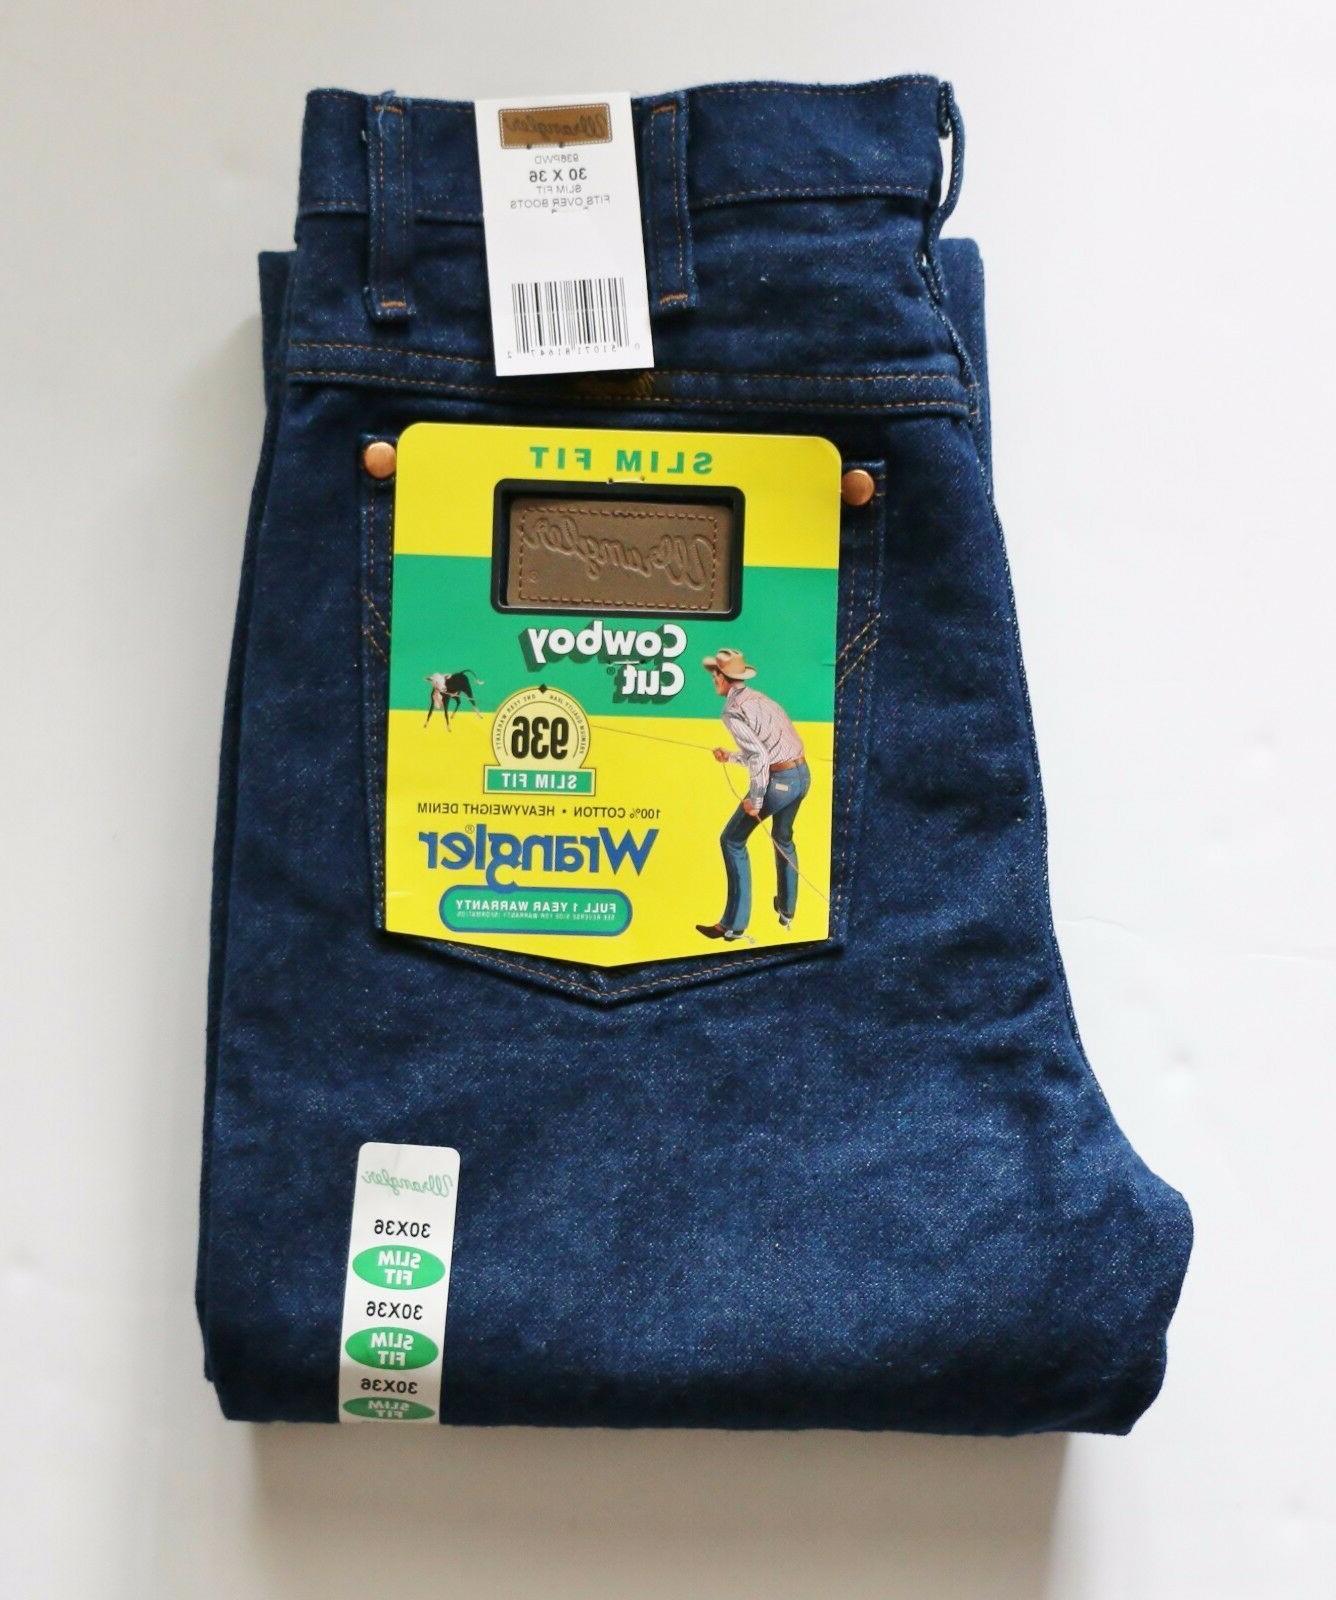 new 936 cowboy cut slim fit jeans